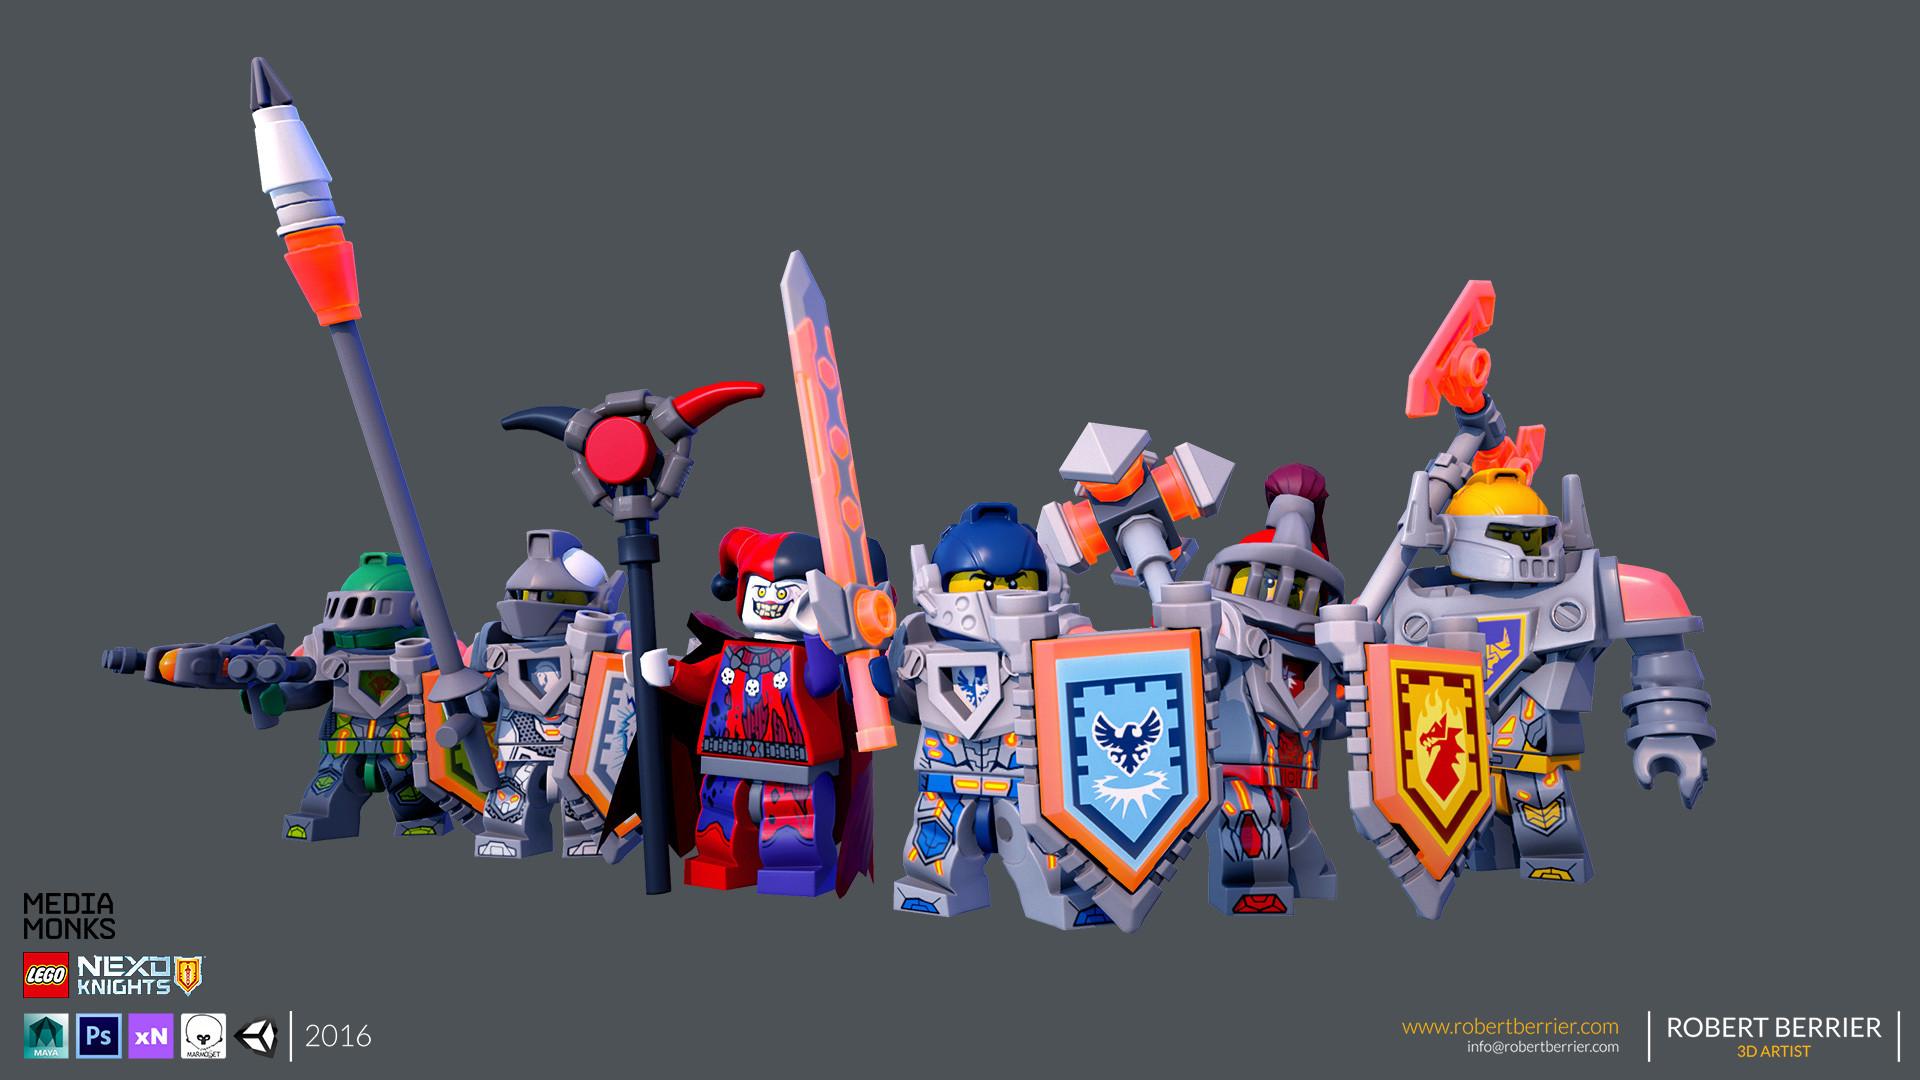 Robert-Berrier-2016-Lego-Nexo-Knigths-GroupFront-Logo.jpg.49a187301533933d5e29c11e22e5eb47.jpg